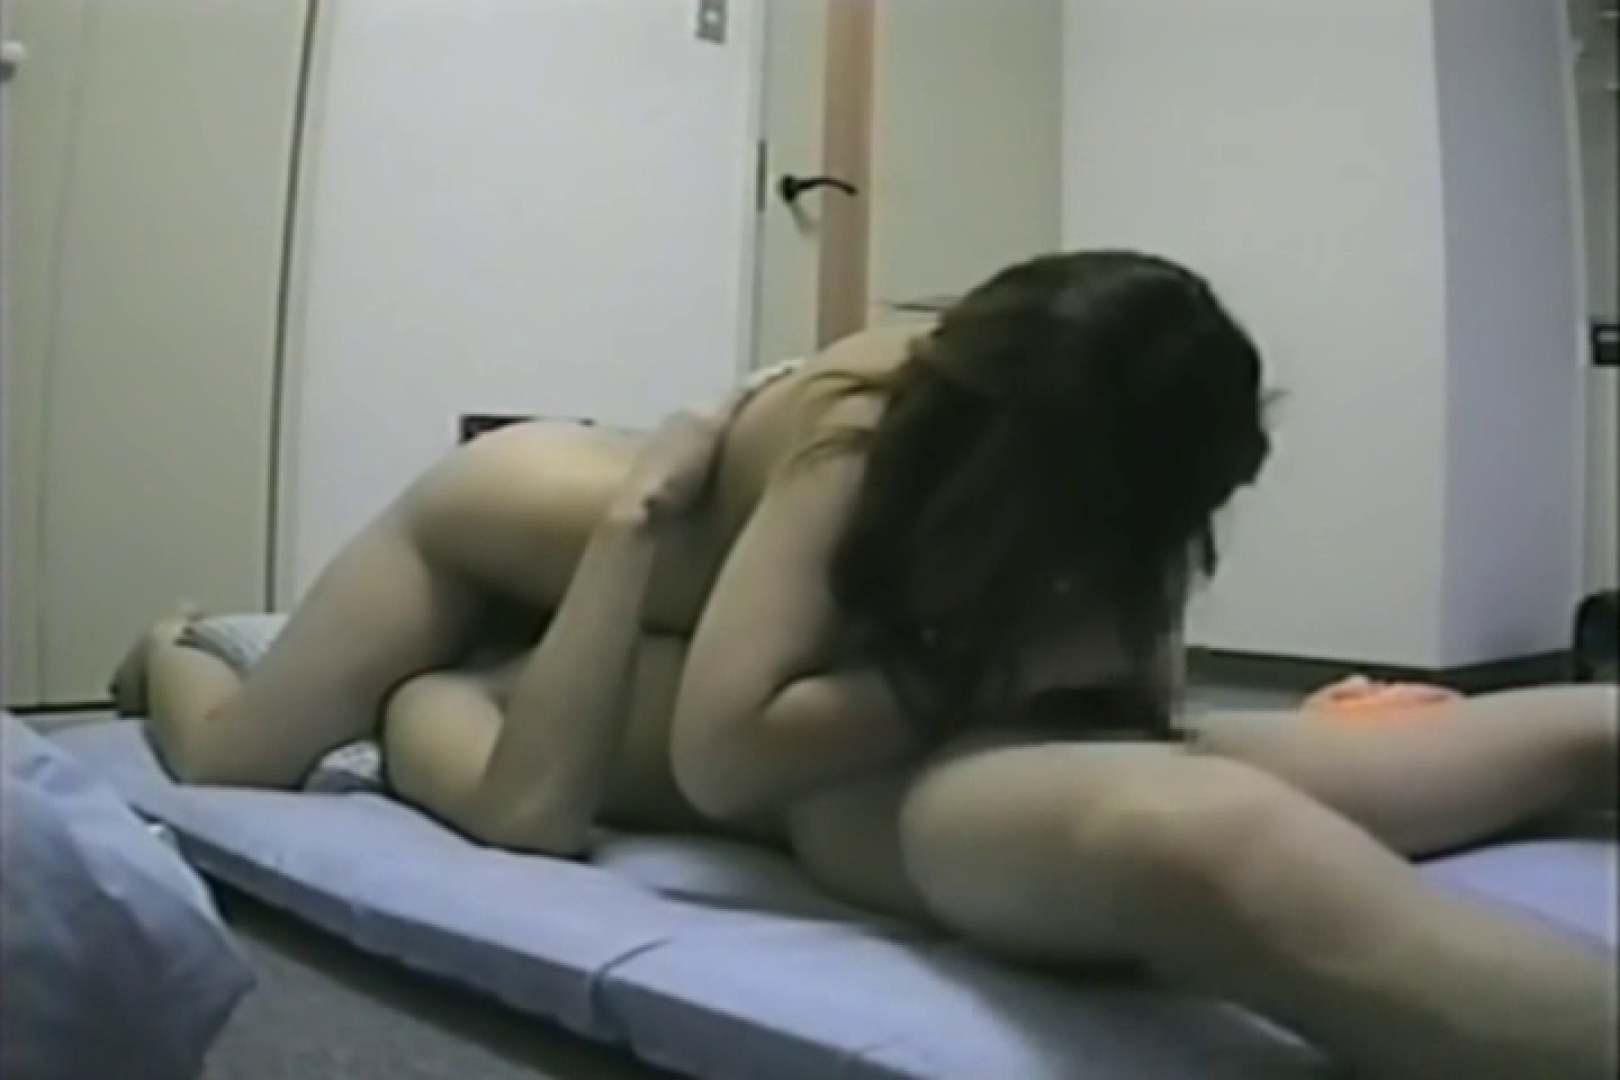 奮闘 デリヘル盗撮 1 企画   盗撮  92PIX 57